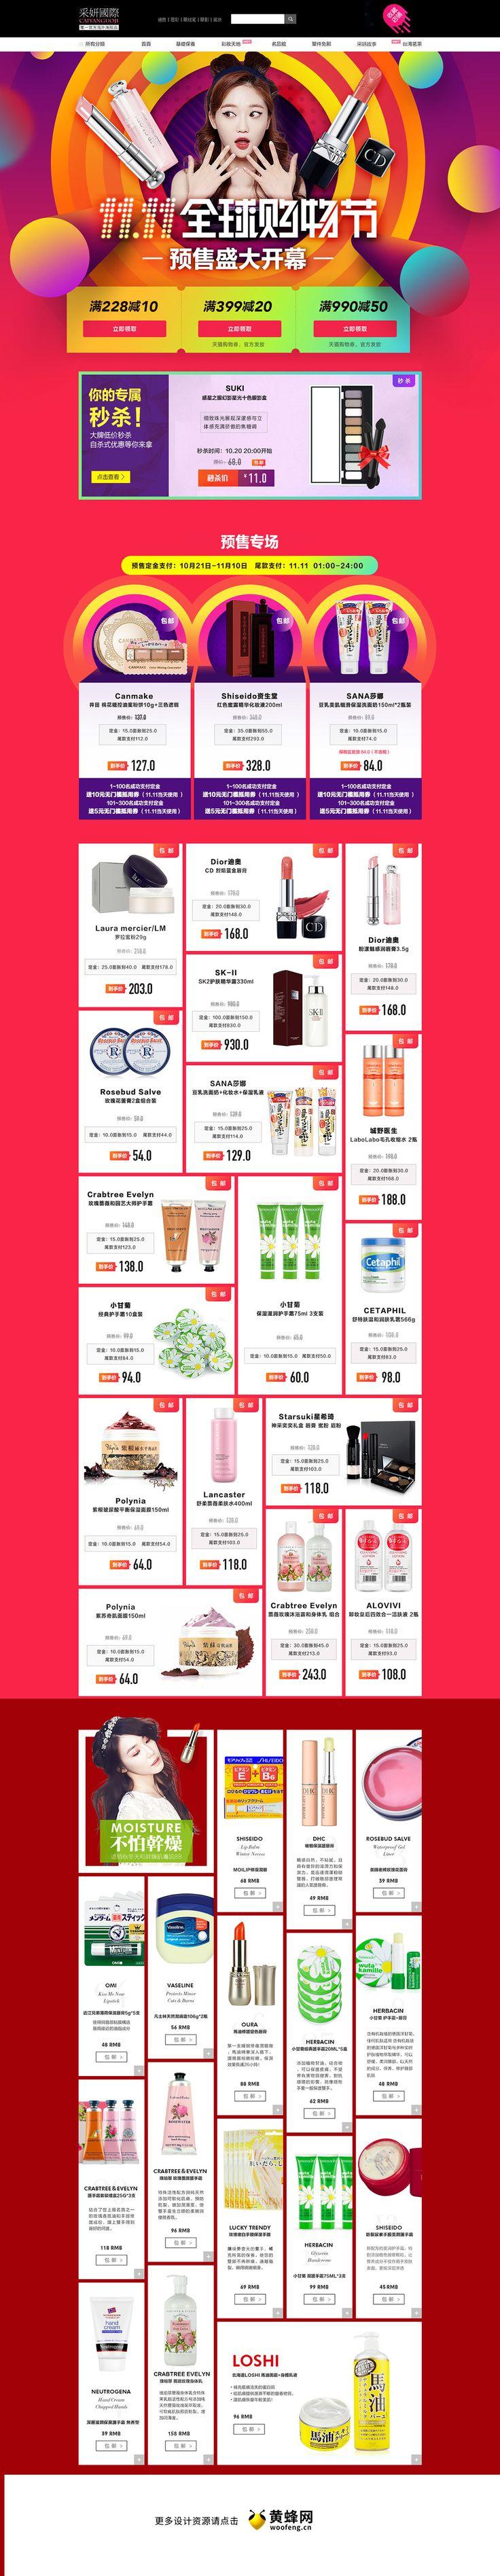 采妍国际美容美发护肤化妆品天猫双11预售双十一预售页面设计 更多设计资源尽在黄蜂网http://woofeng.cn/